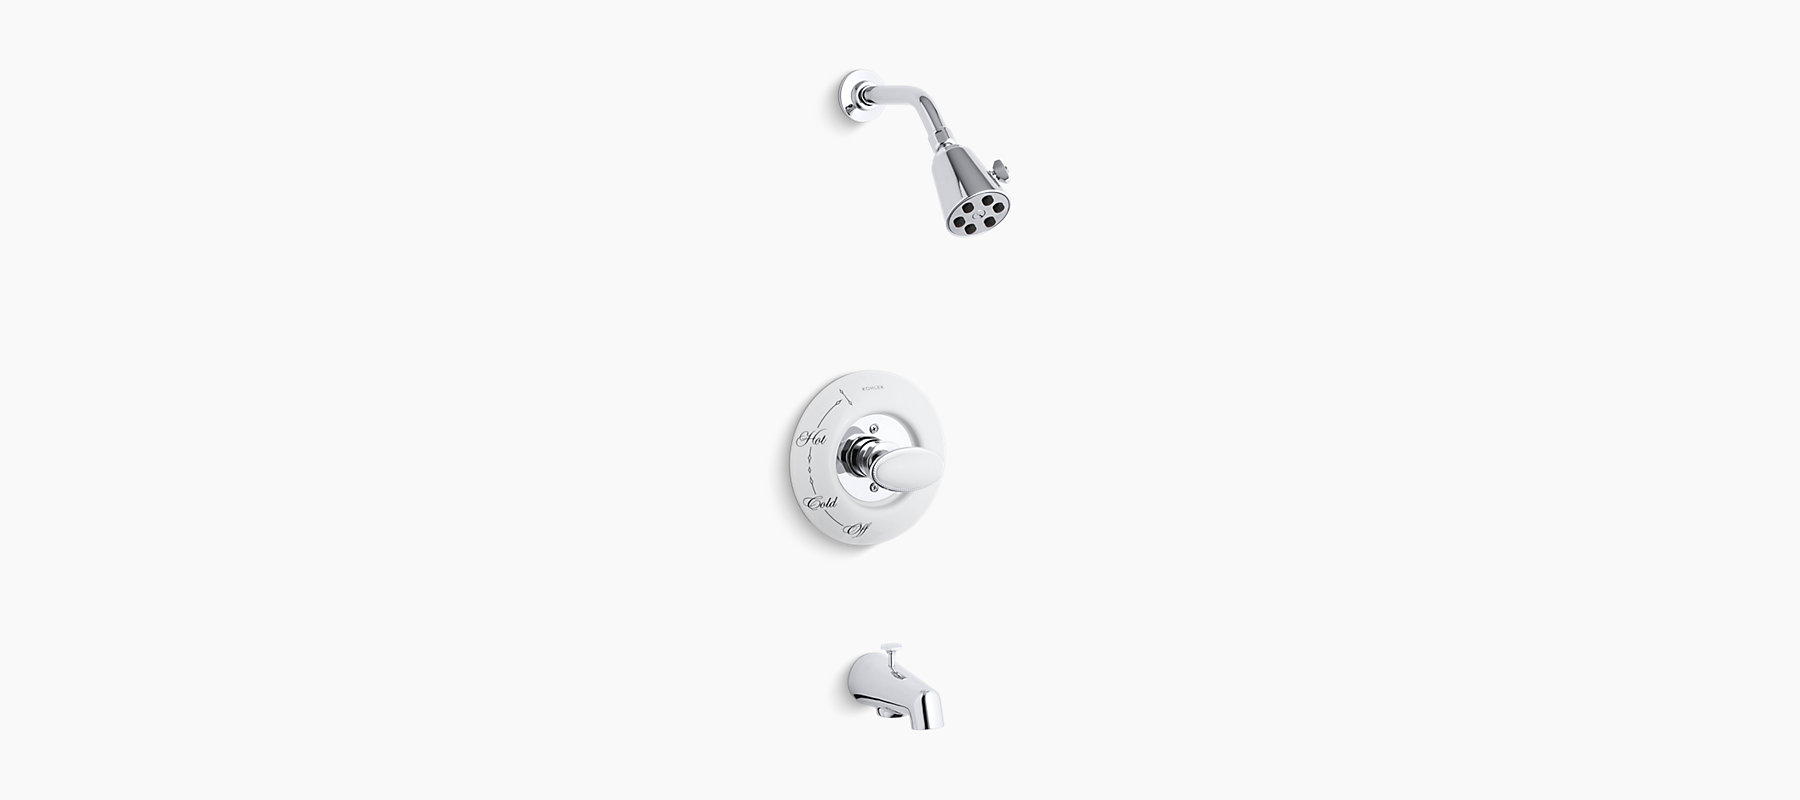 K-T130-9B | Antique Rite-Temp Bath and Shower Faucet Trim | KOHLER